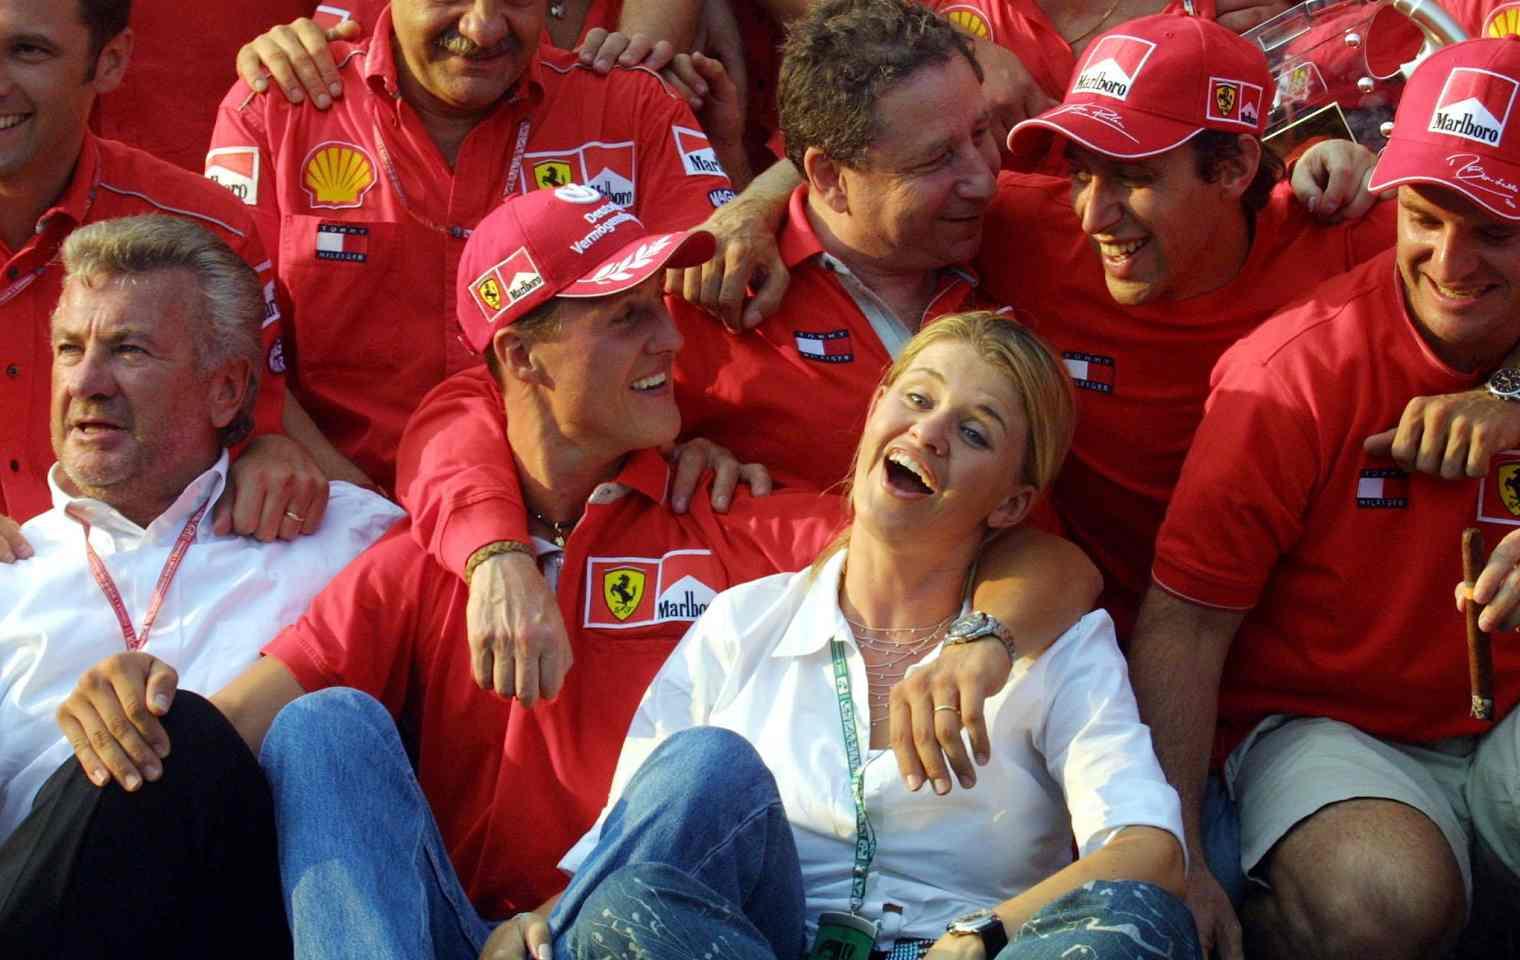 Wie Oft War Michael Schumacher Weltmeister